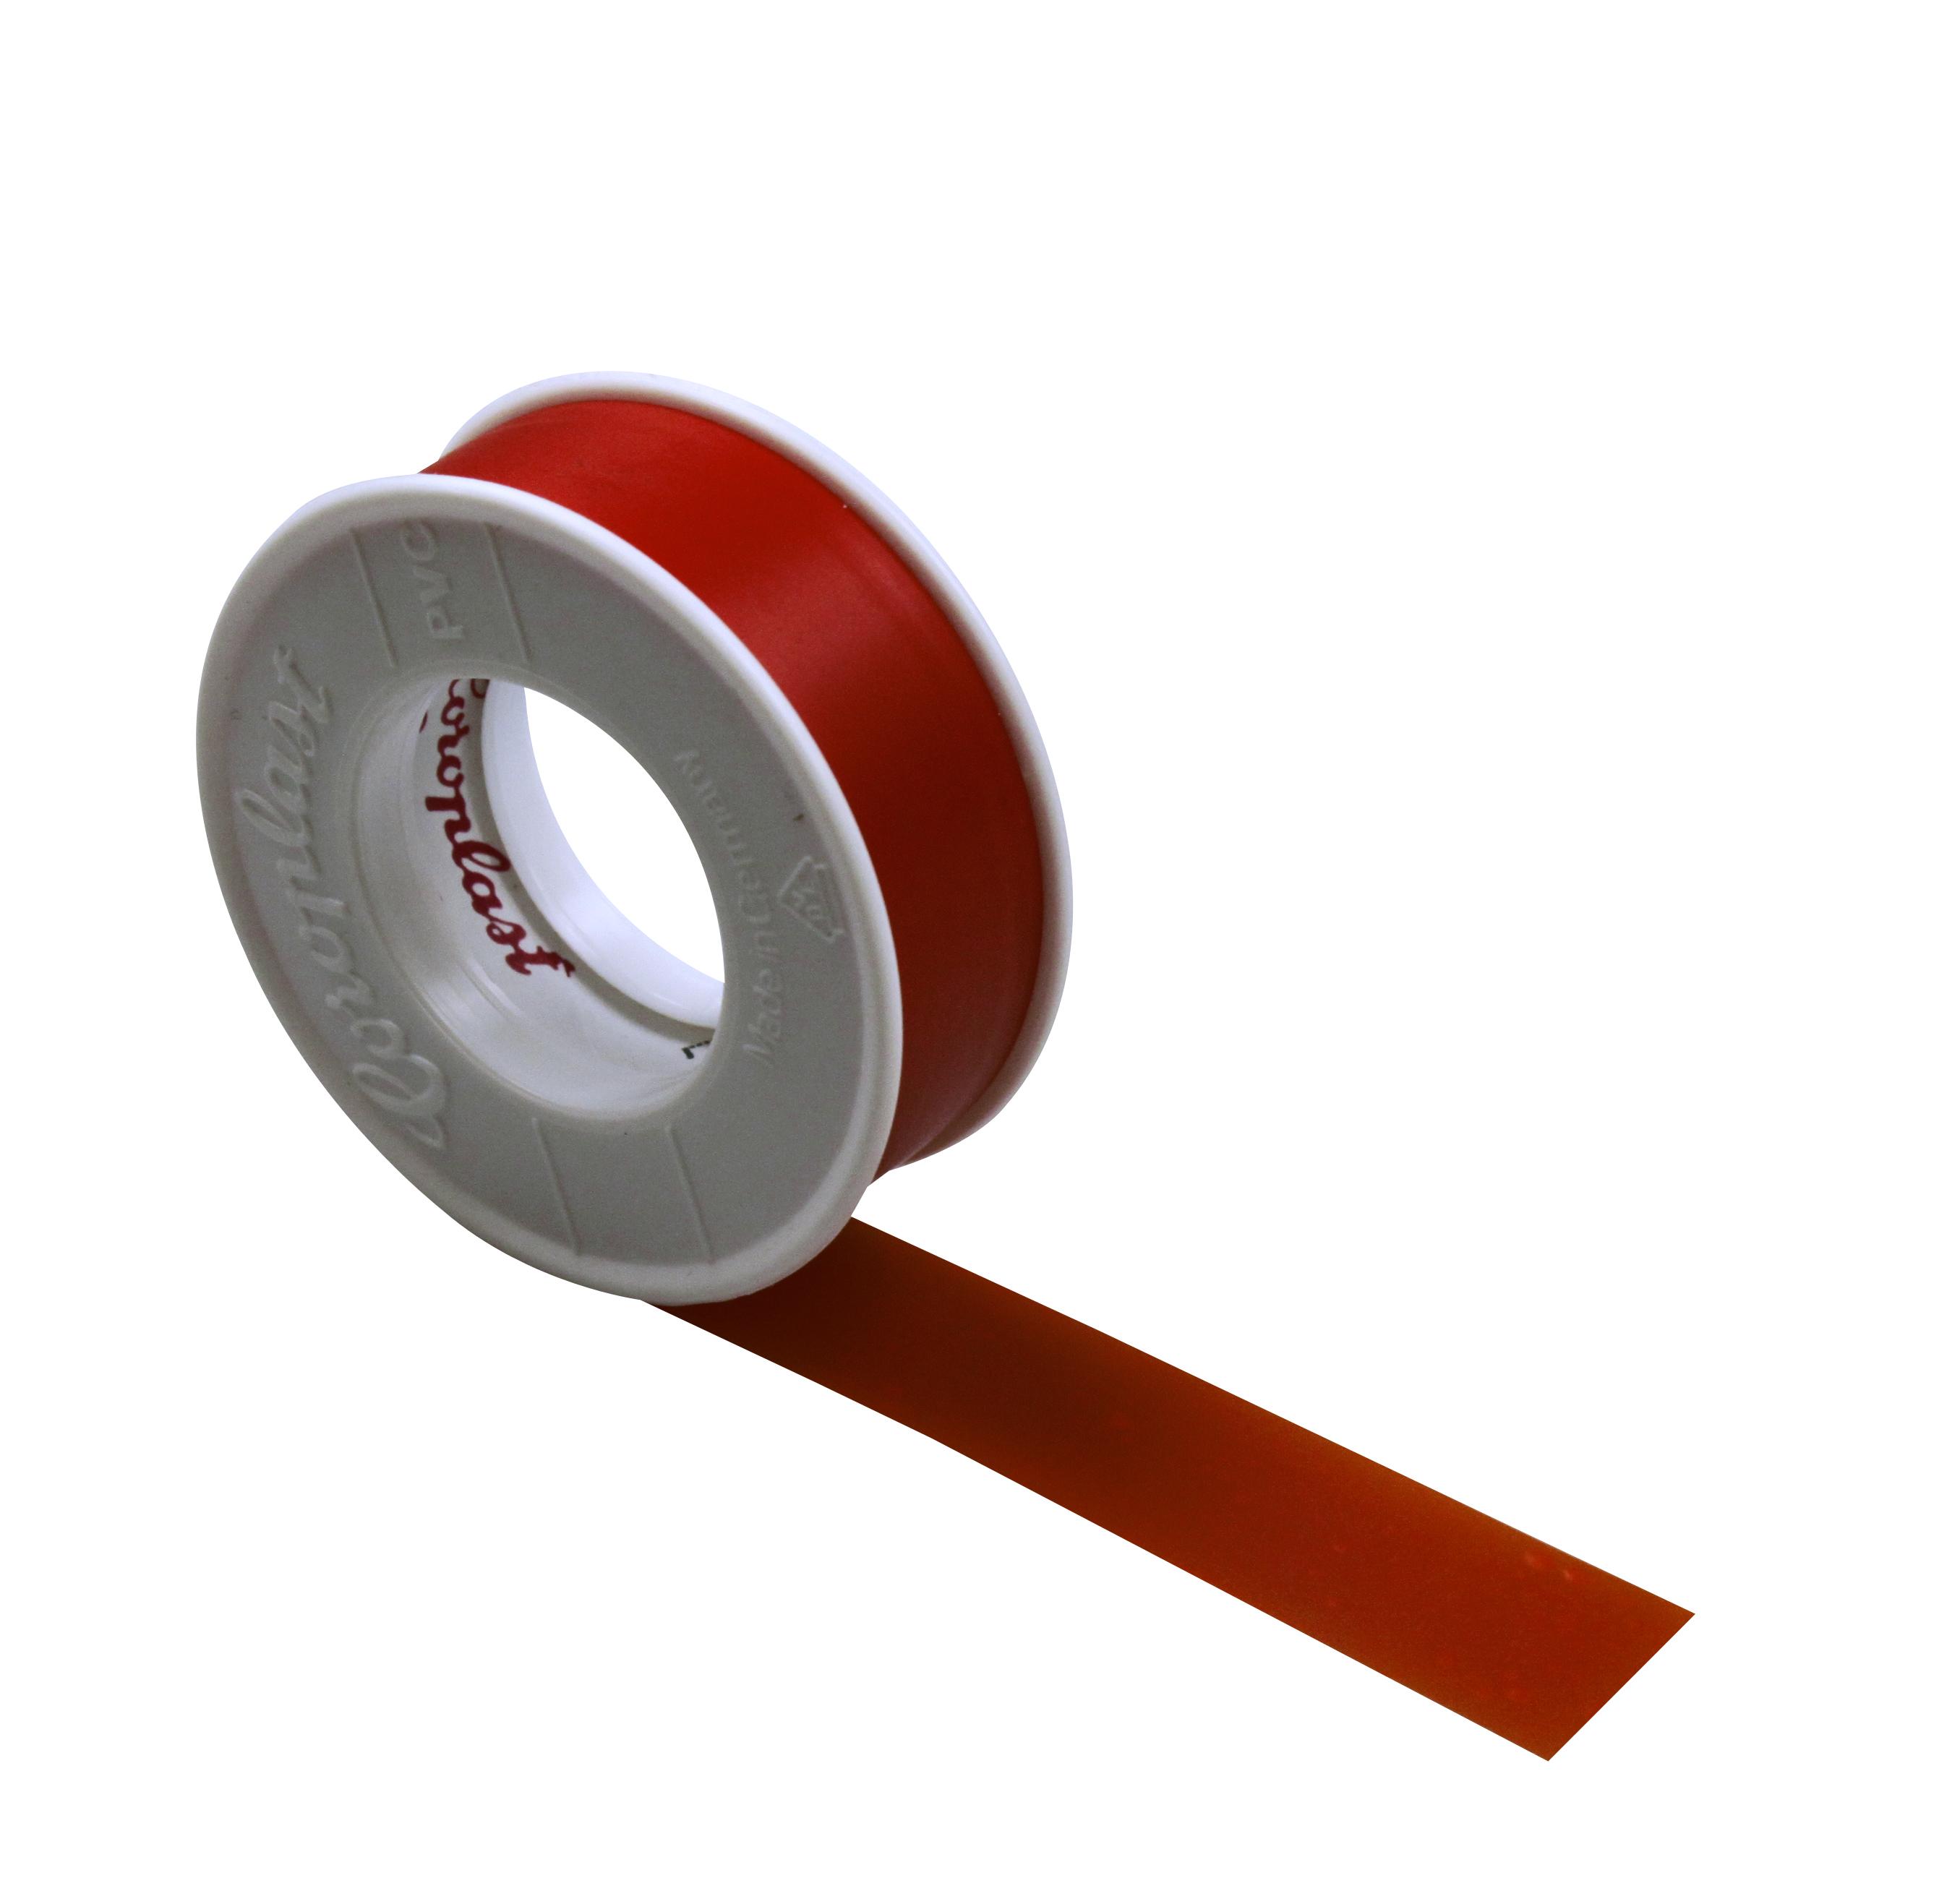 1 Stk Isolierband rot 15mm x 10m-Coroplast GI98510092